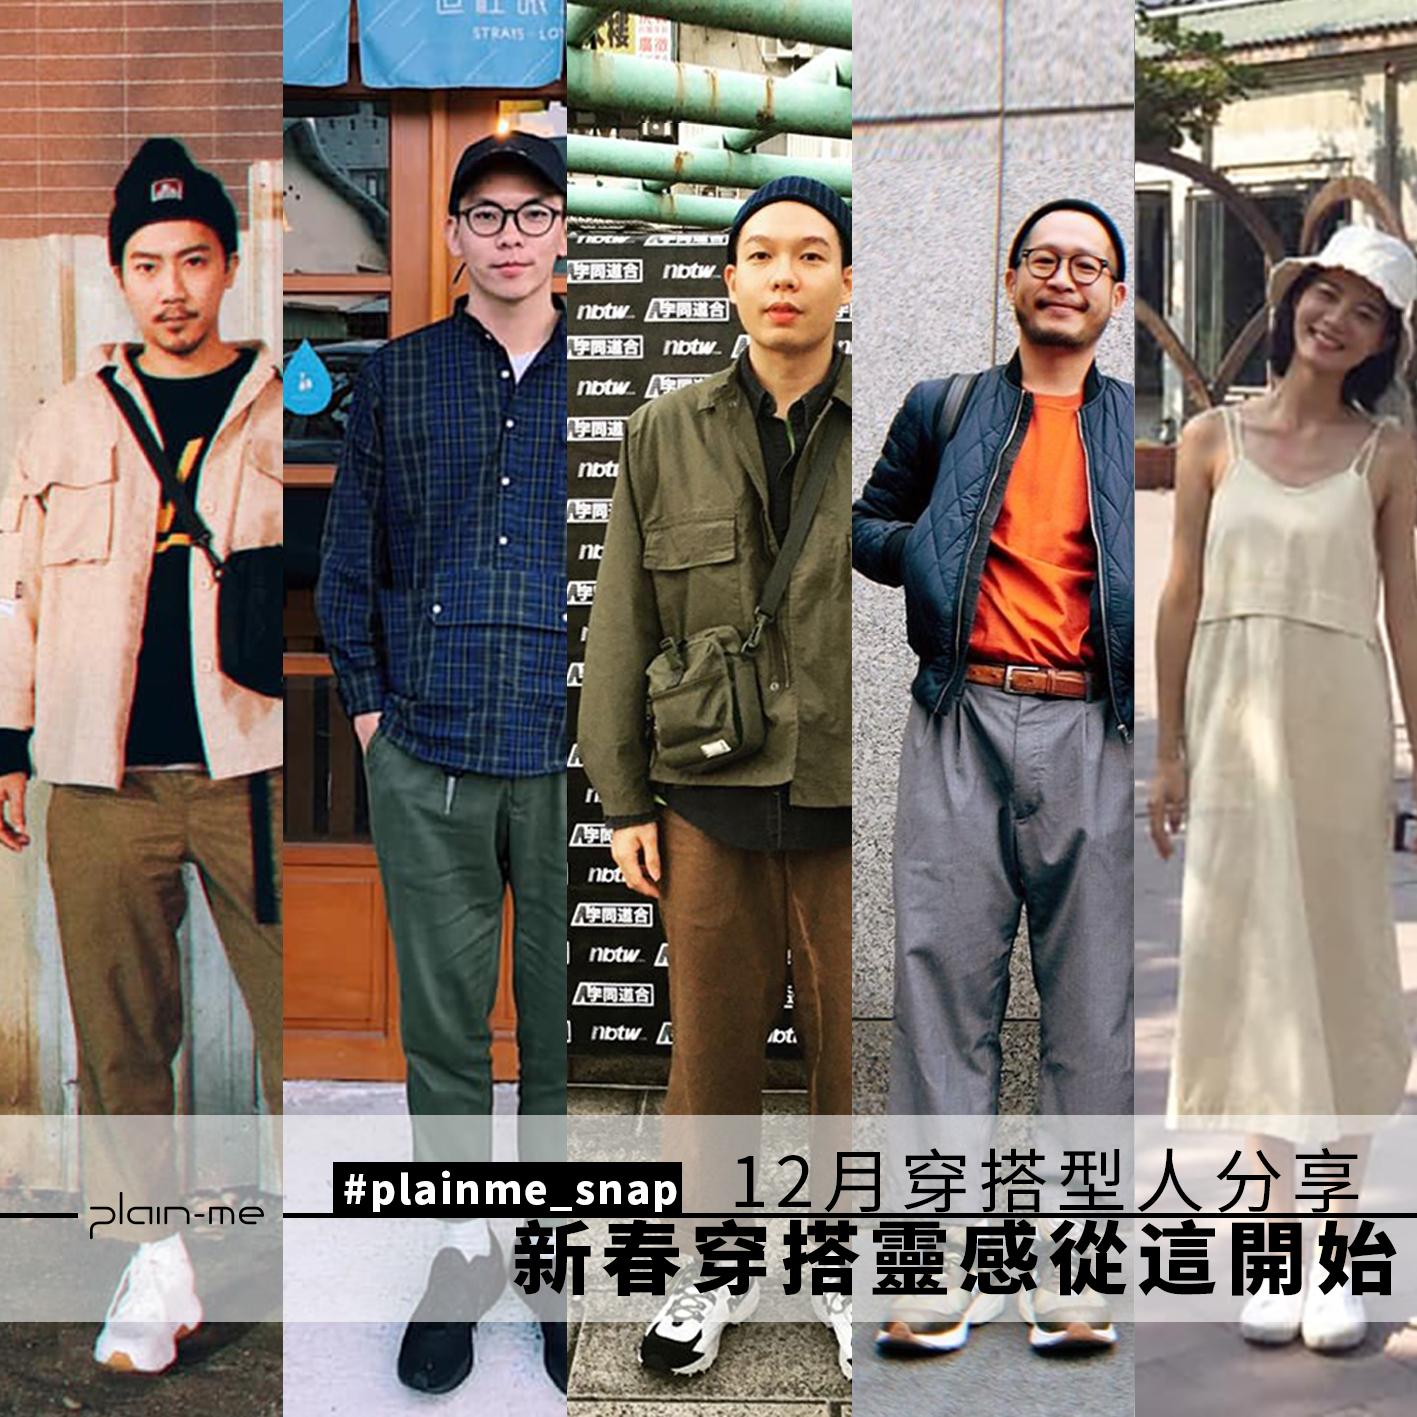 穿搭風格,穿搭型人,IG,plainme_snap,instagram,搭配,穿搭,搭配,型人,穿搭,6月,IG型人穿搭,秋冬穿搭,冬季穿搭